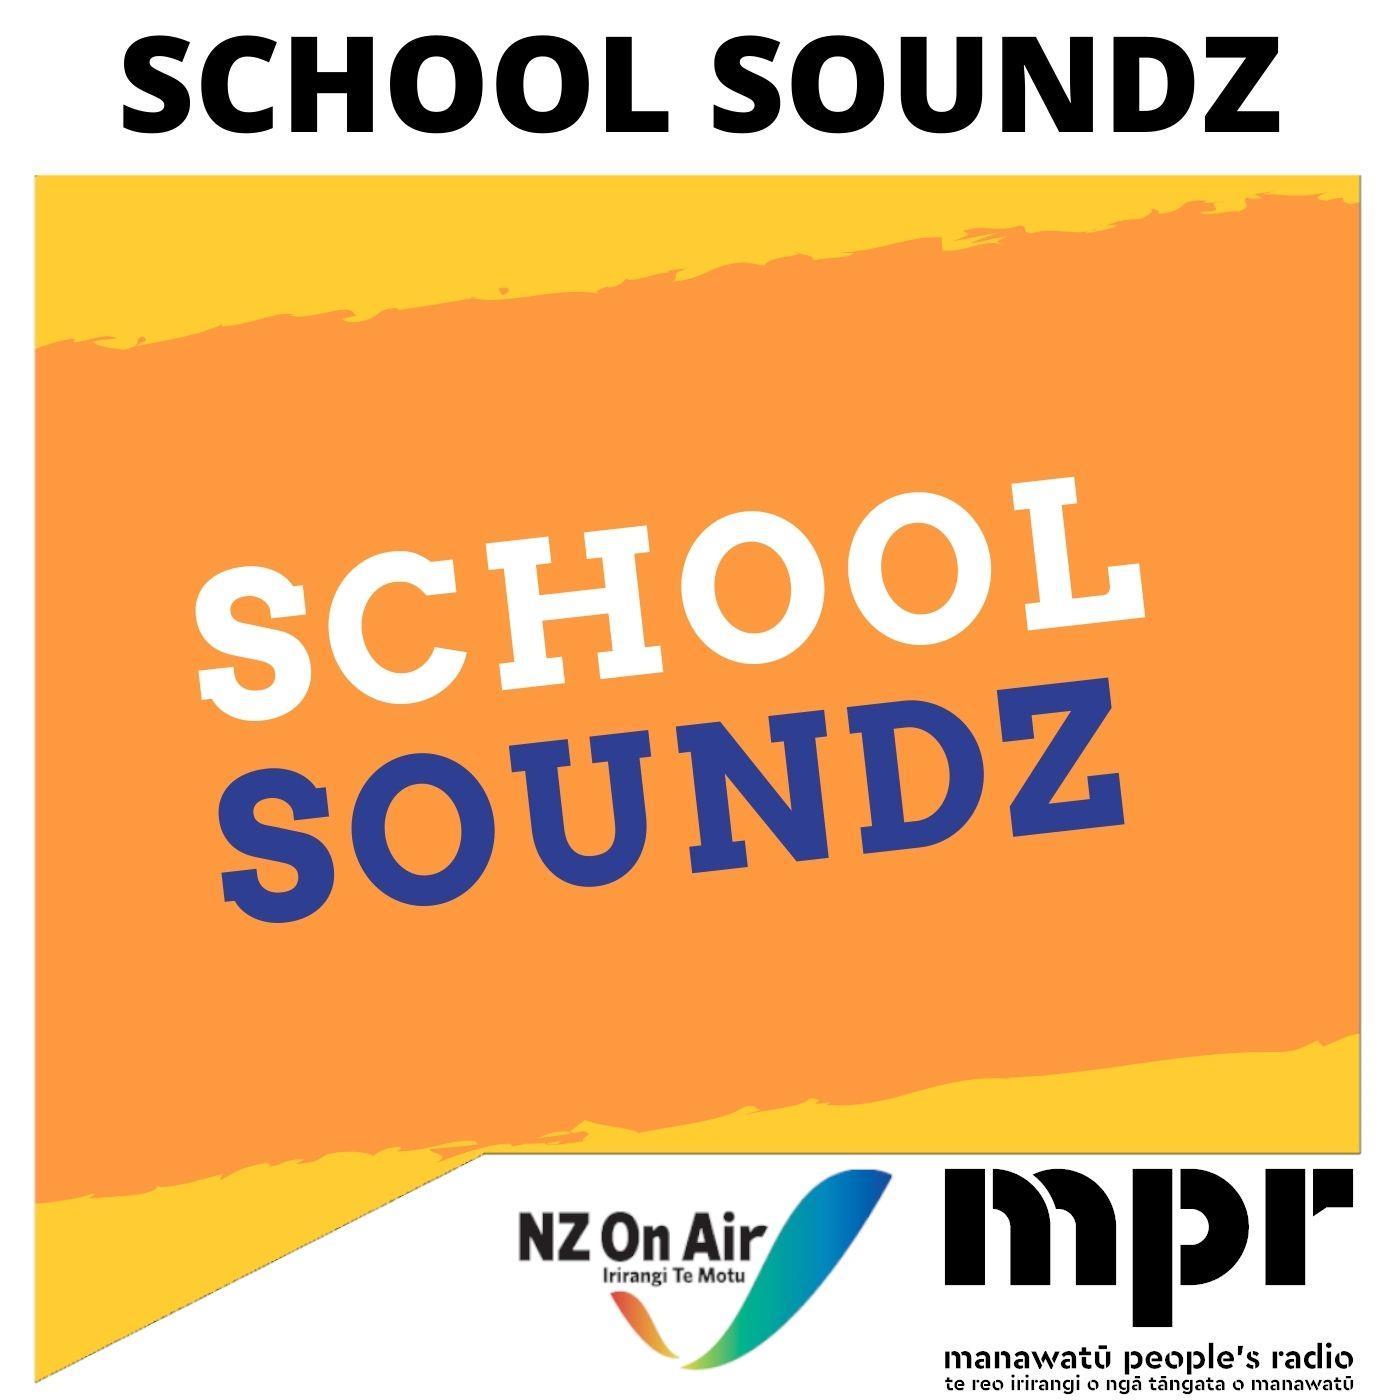 School Soundz